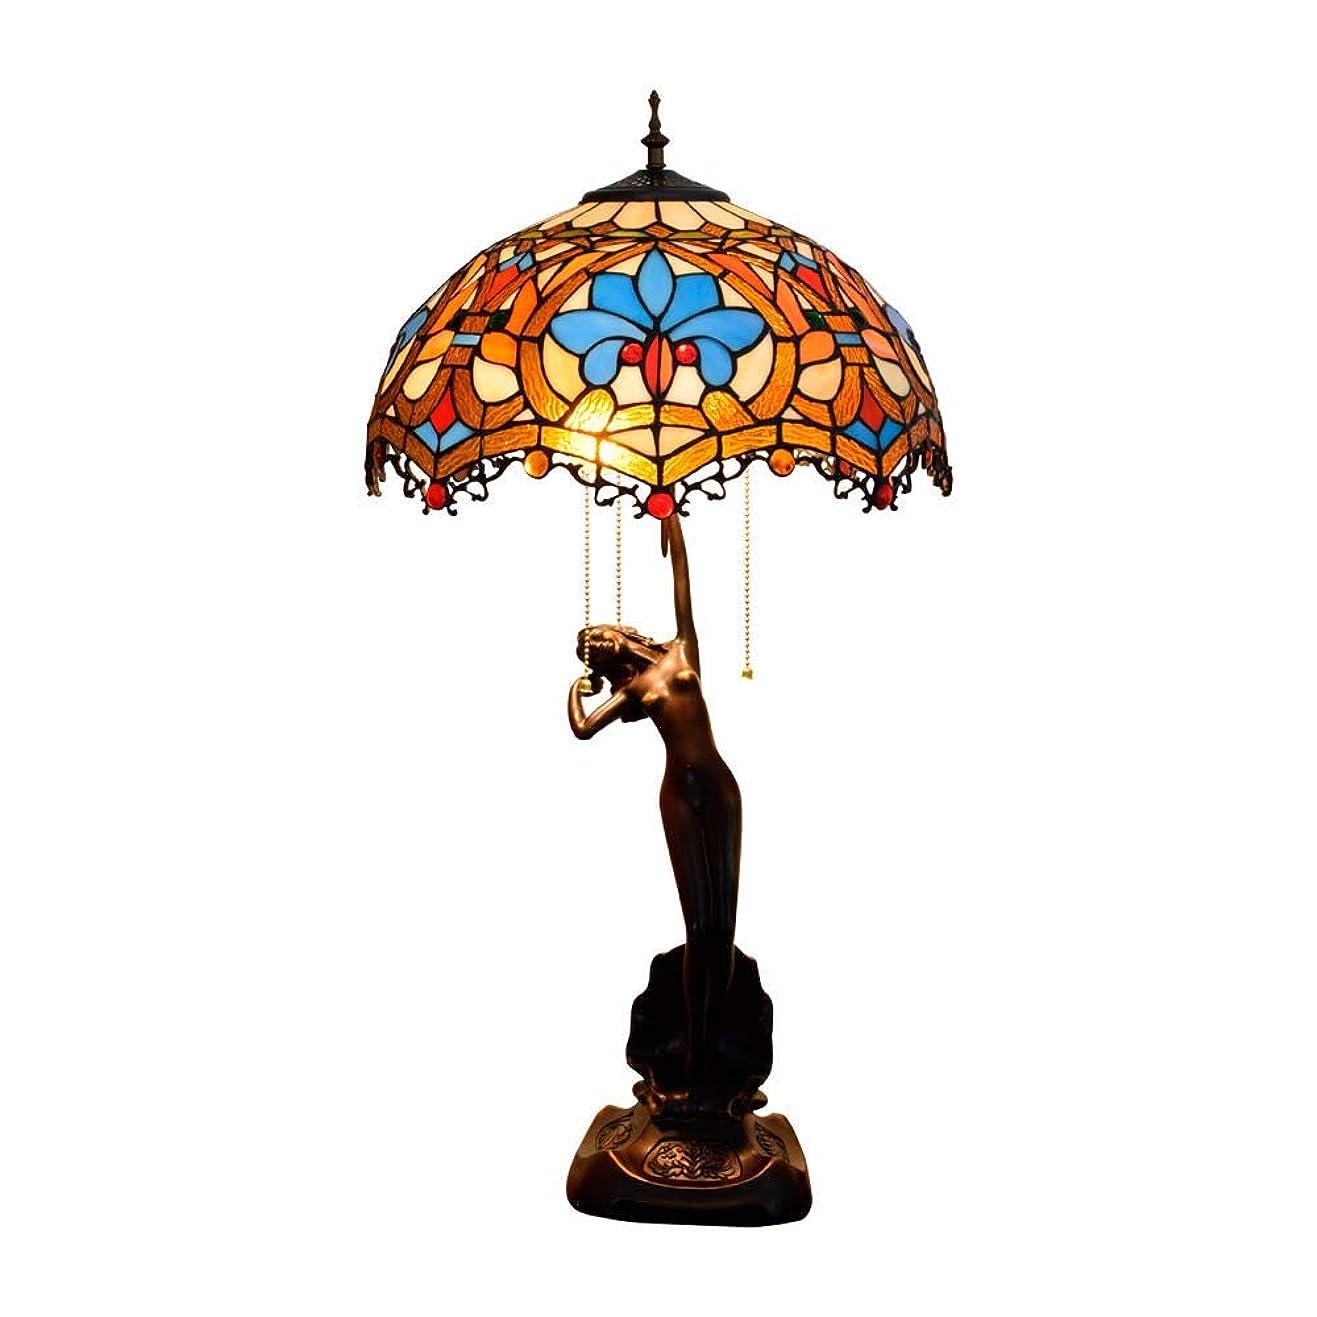 量リムストレスの多い40 Cmのテーブルランプ、クレマチスと花とセクシーな女性の基本的なガラスのランプとティファニースタイルテーブルランプ、レトロリビングルームライトE27、Max40w